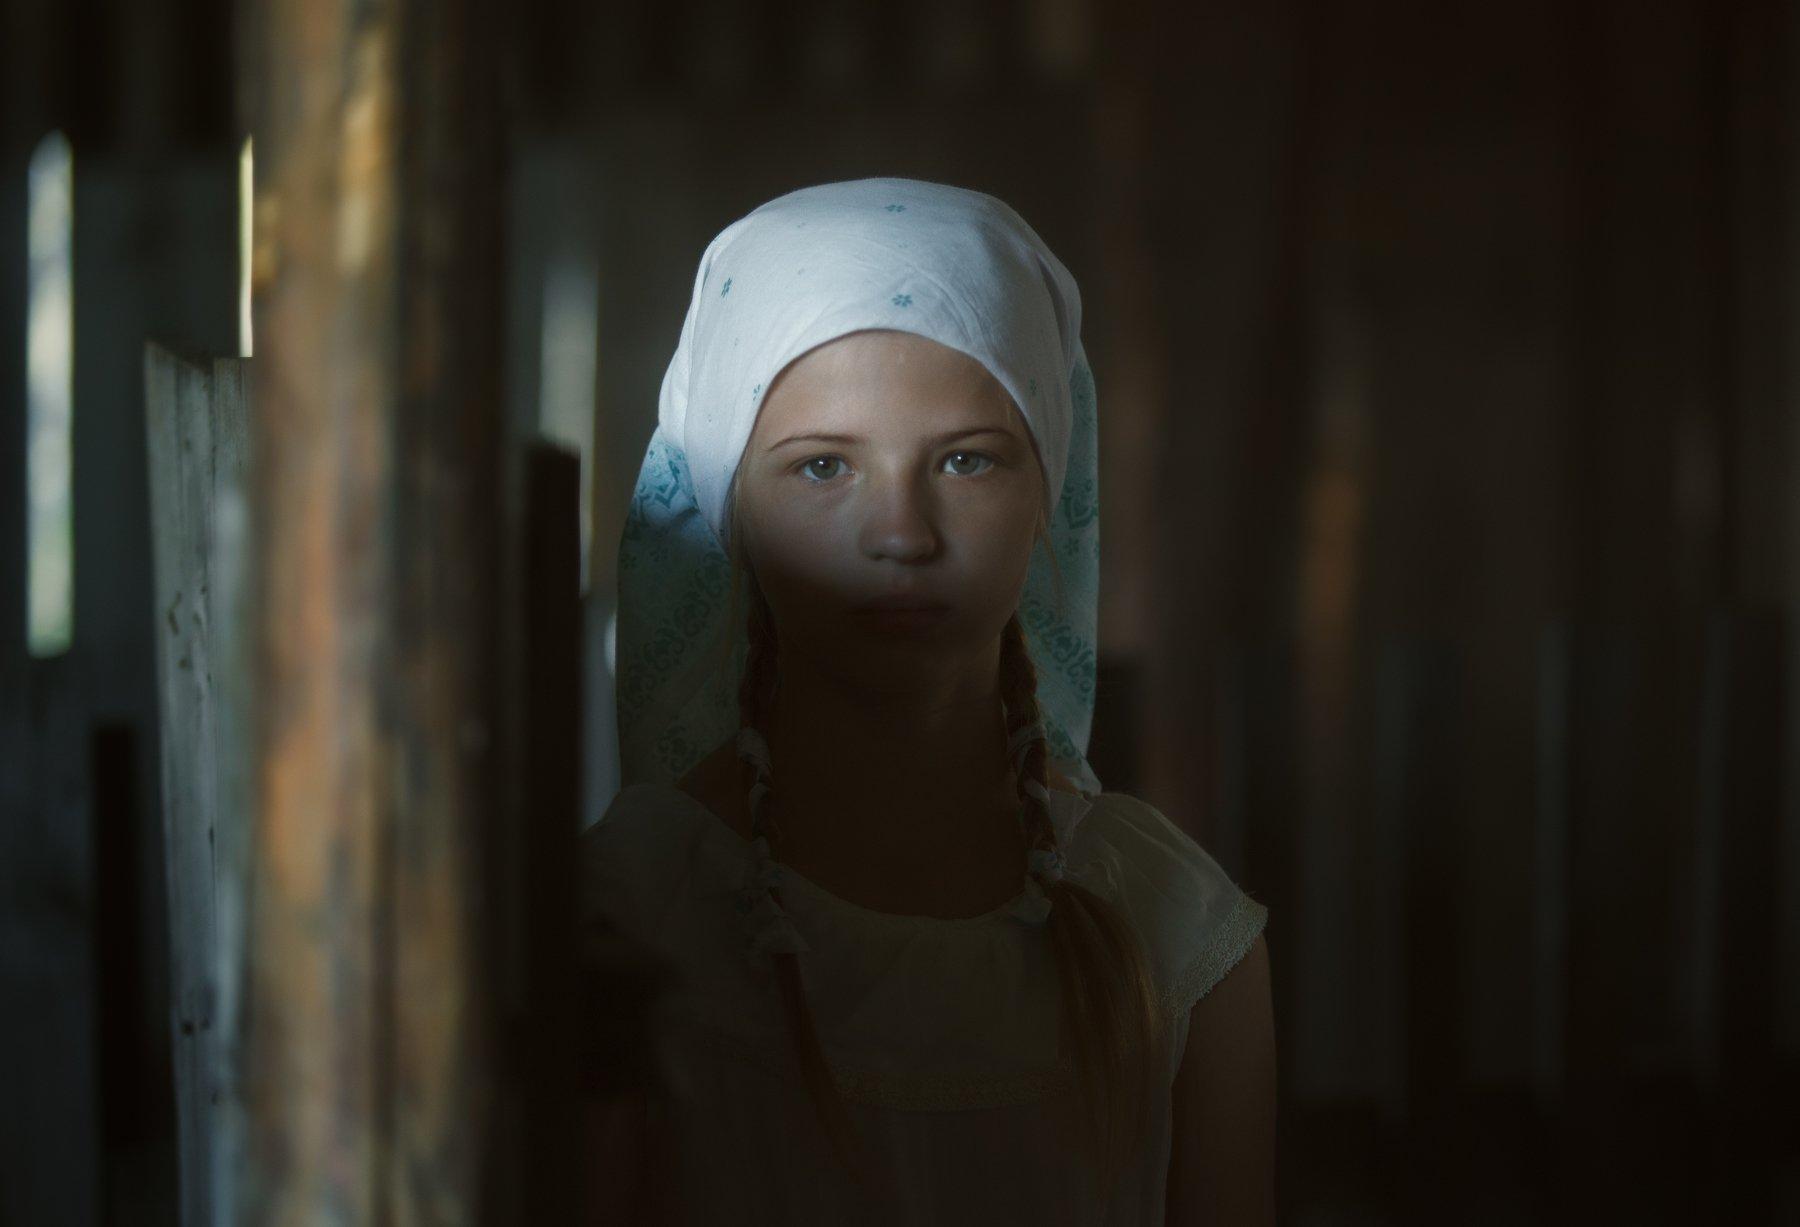 дети,портрет,утро,деревня,Алтай,Россия, Оксана